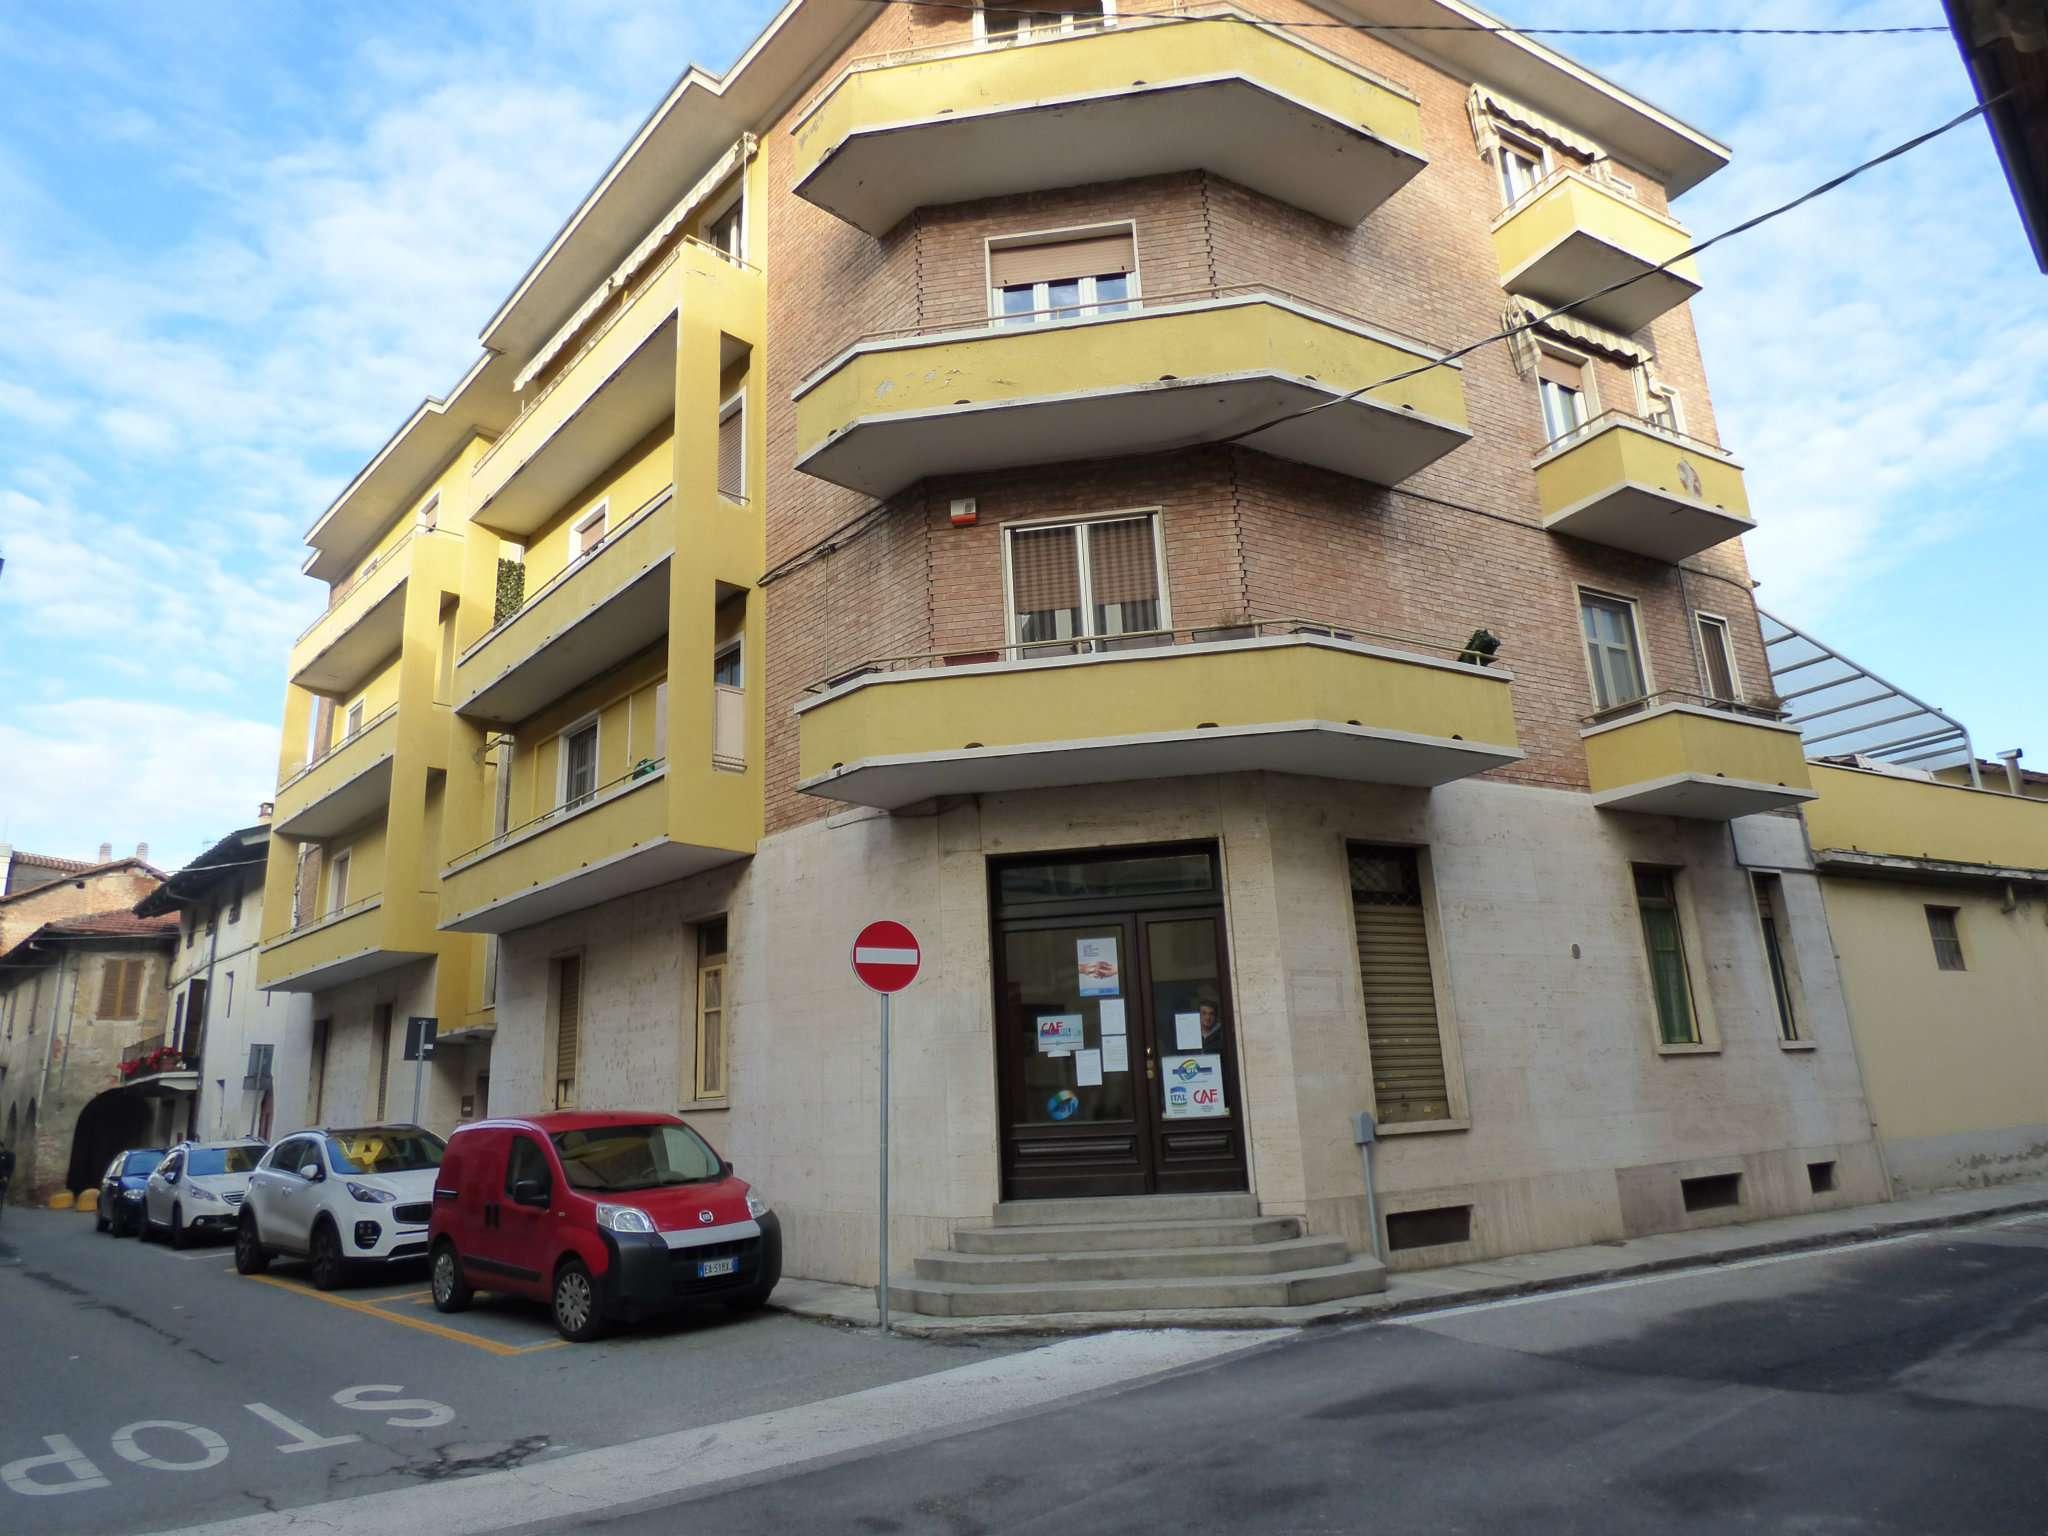 Negozio / Locale in vendita a Caselle Torinese, 1 locali, prezzo € 32.000 | CambioCasa.it